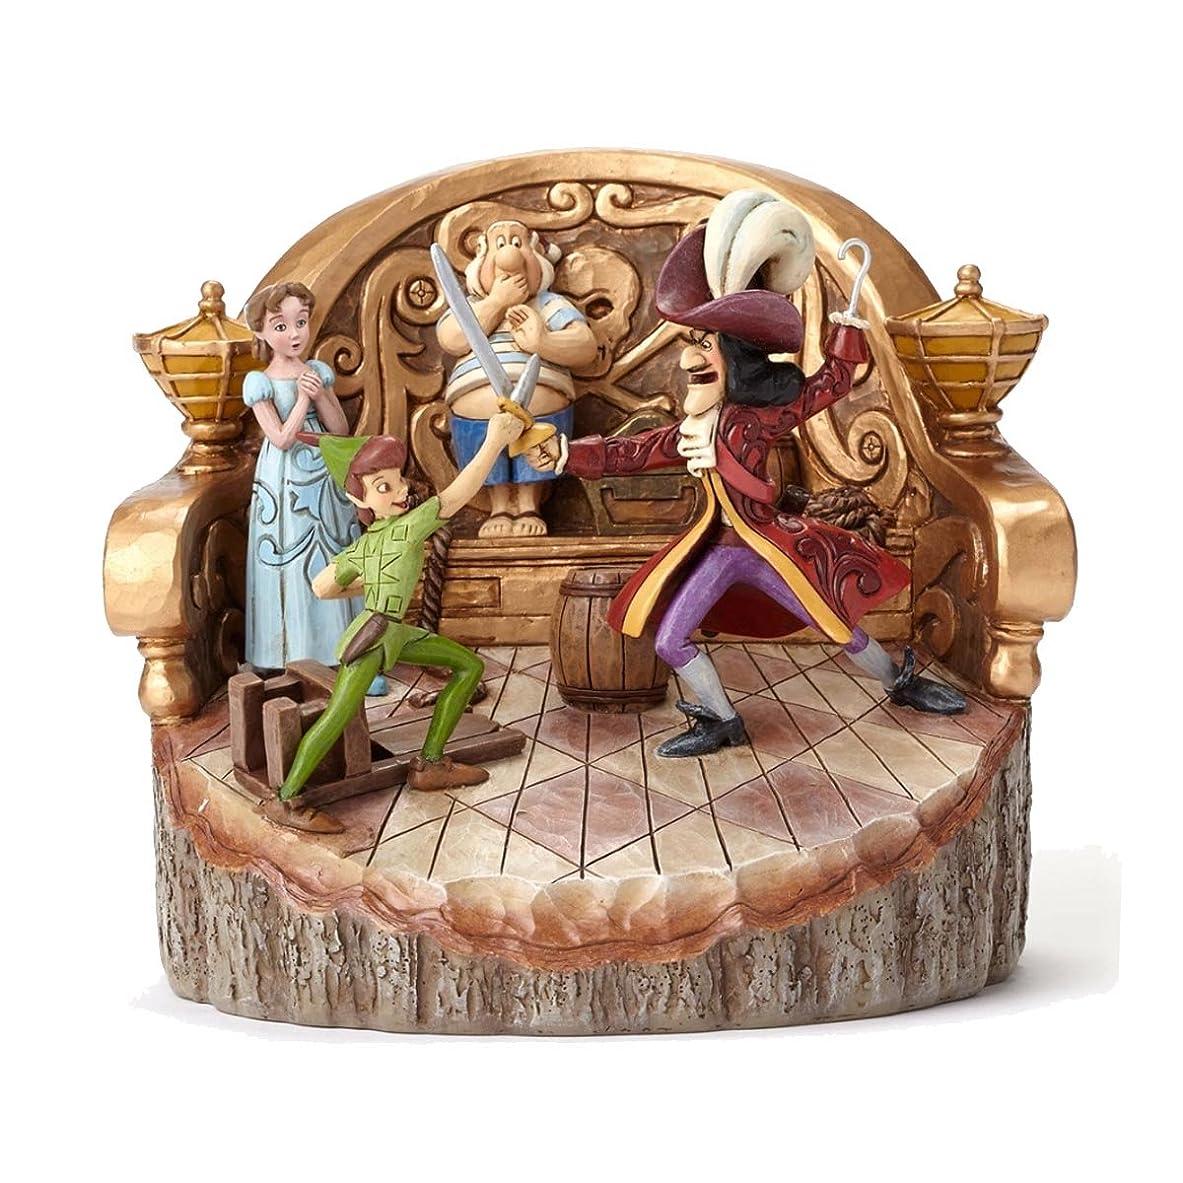 チロ巻き戻す悲惨ENESCO(エネスコ) Peter Pan Carved by Heart(ピーターパン) Peter Pan Carved by Heart Daring Duel 4048653 [並行輸入品]